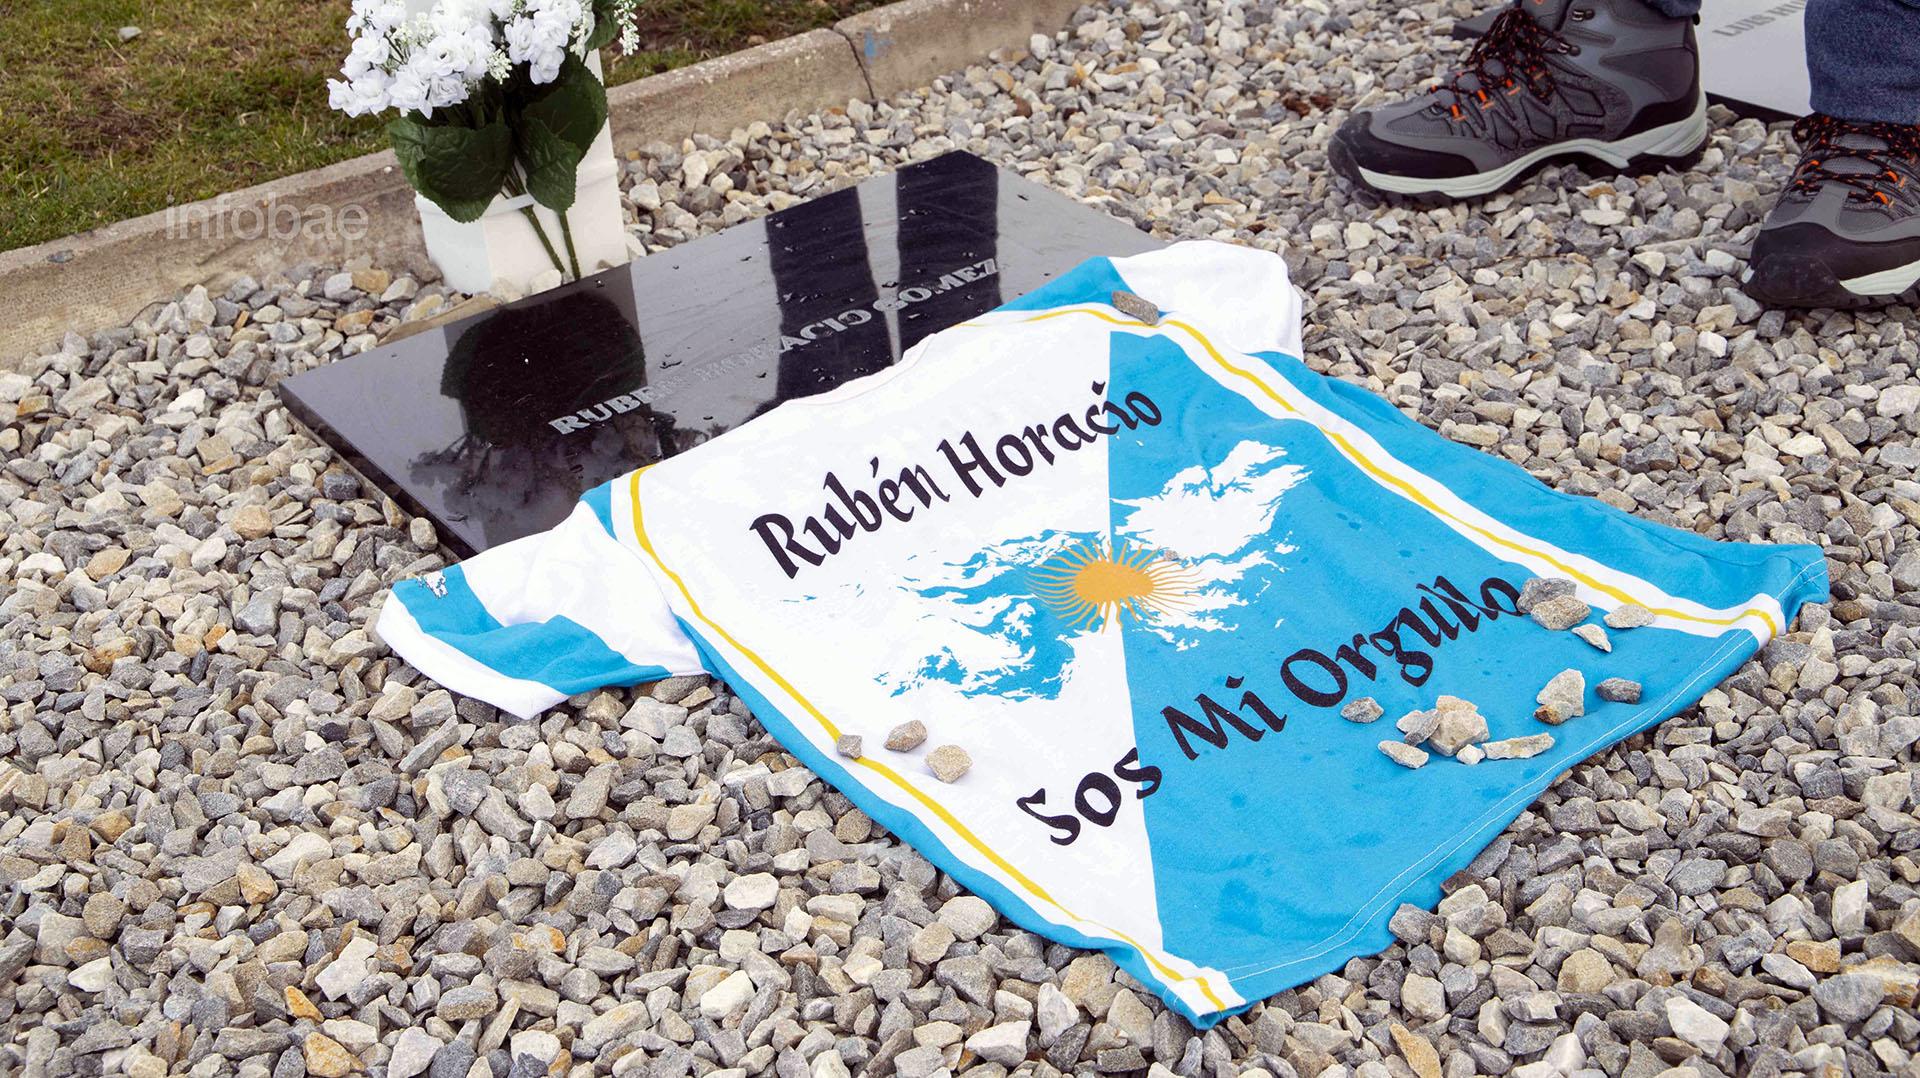 La familia de Rubén Horacio Gómez dejó de recuerdo una camiseta con los colores de la bandera argentina y un diseño de las Islas Malvinas con un sol en el centro